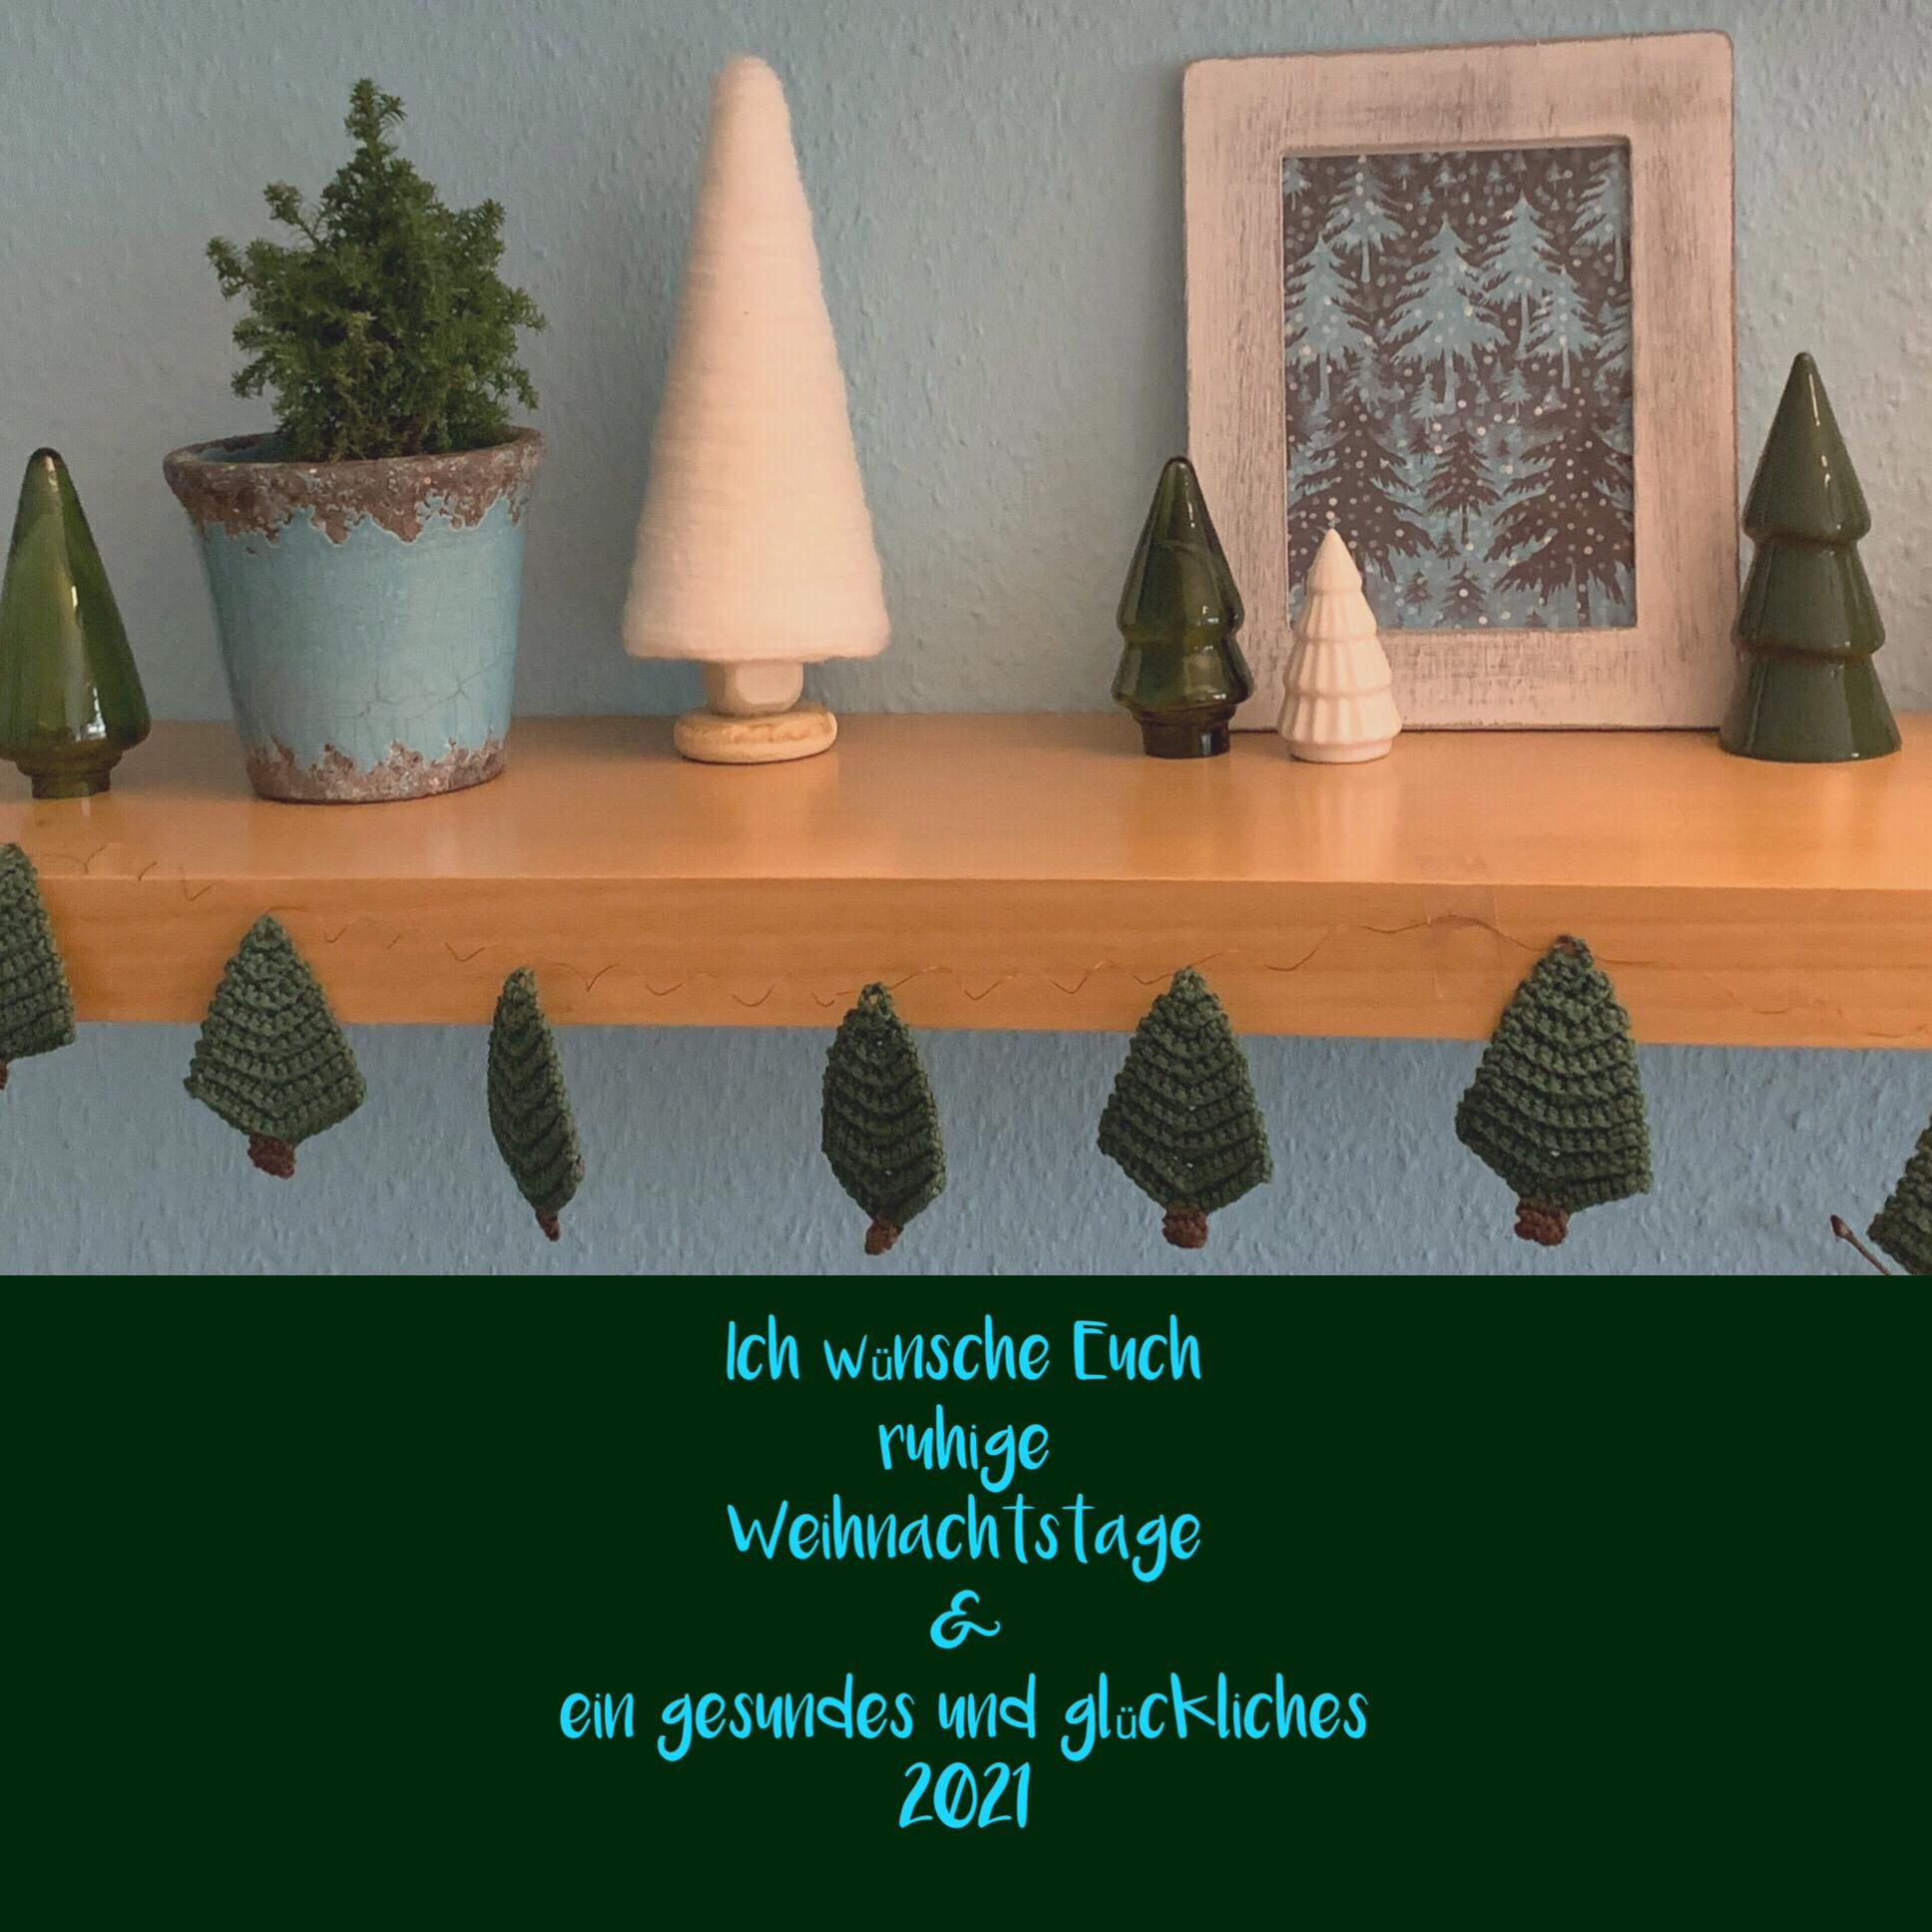 Decemberfeelings #24 – oder – Weihnachtsgrüße